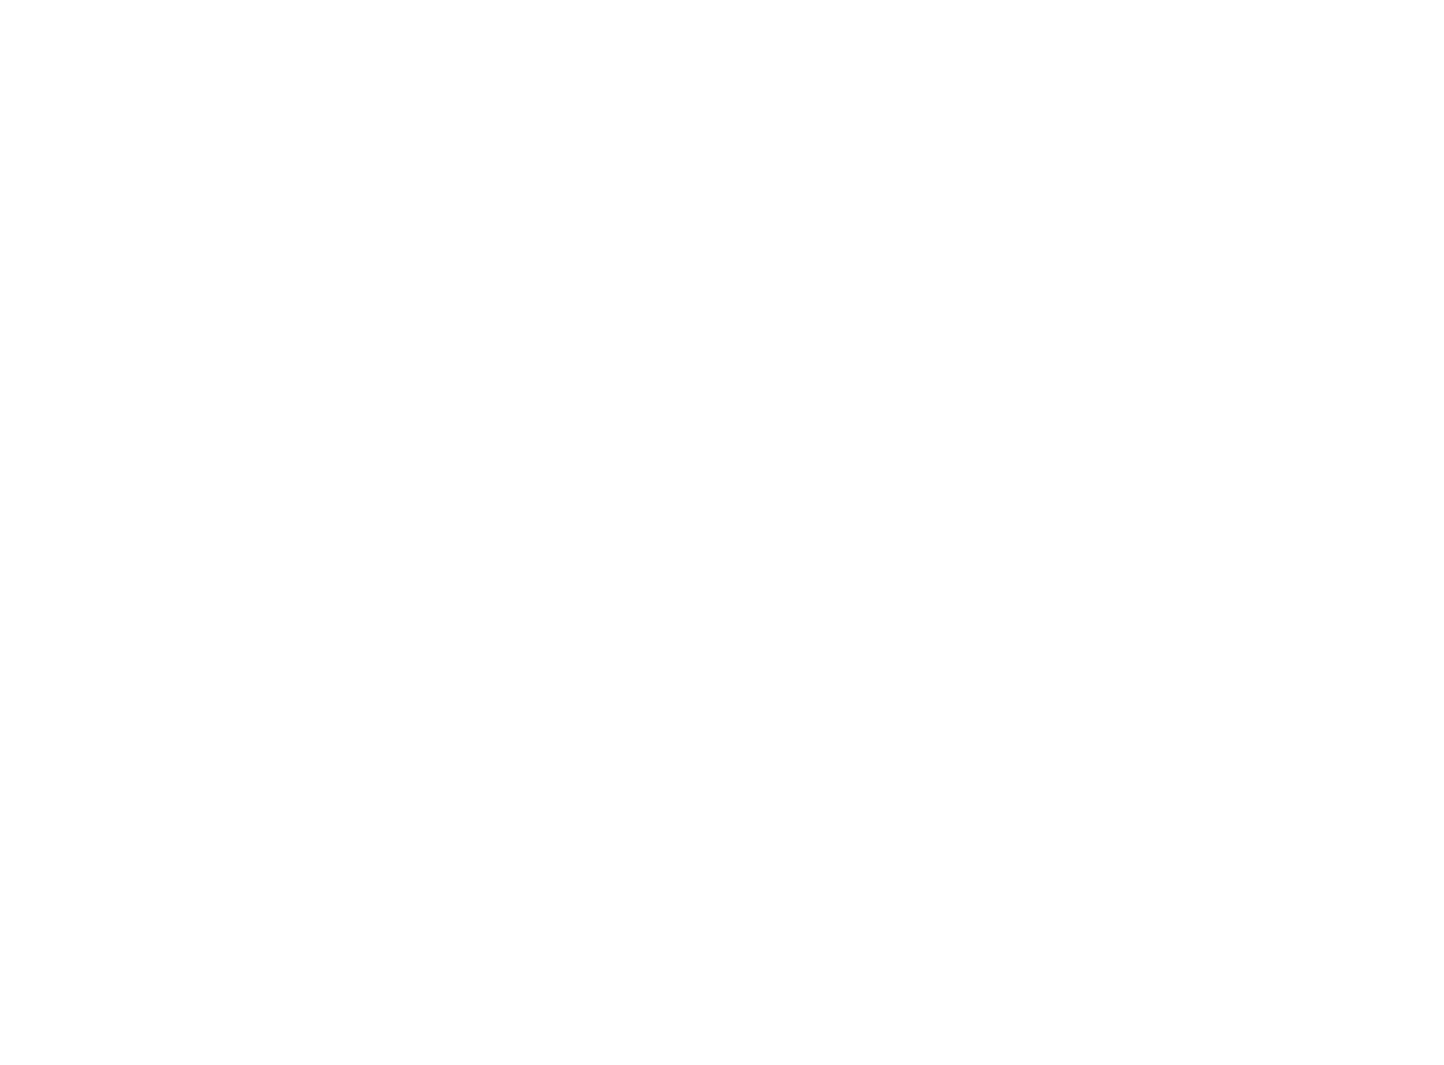 Kids-Corner-logo-stacked-white.png